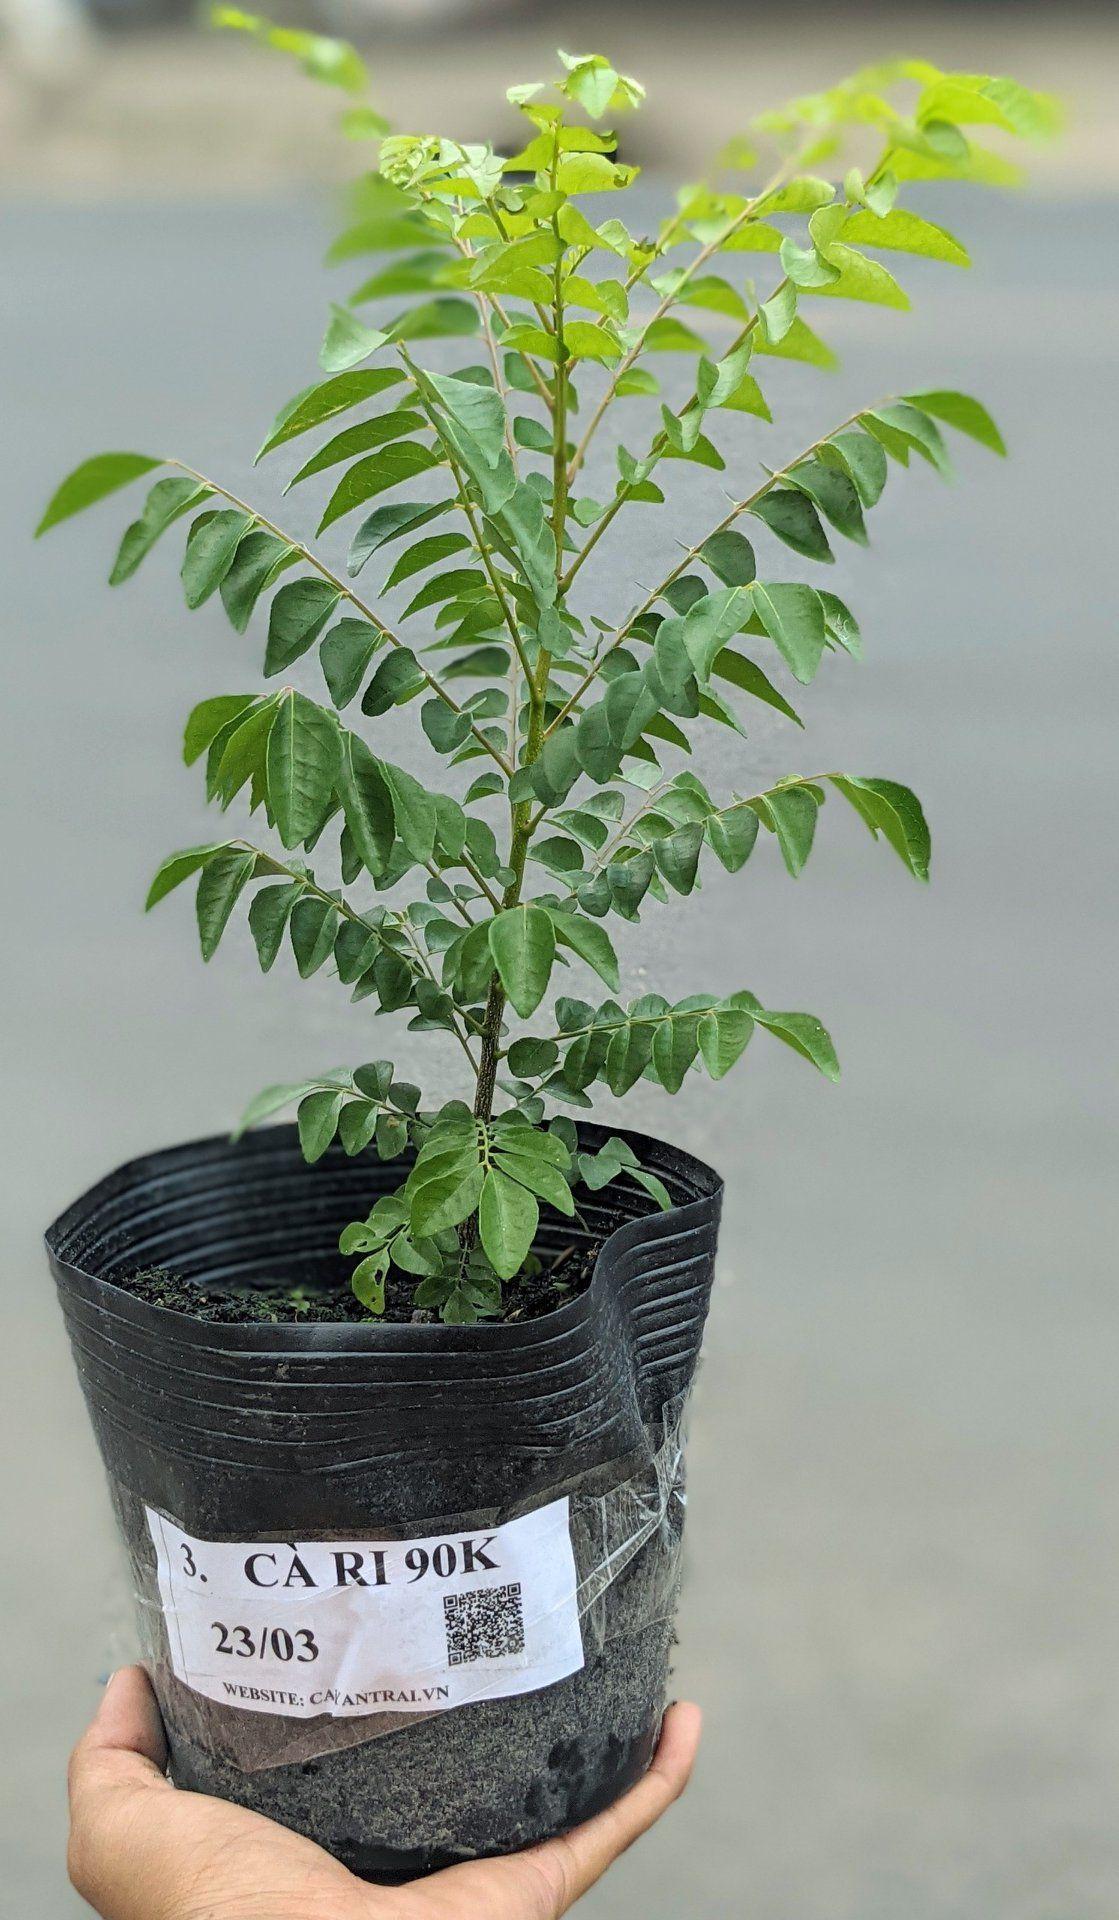 CÂY CÀ RI đang là dòng cây yêu thích của những Người Bận Rộn vì cây Đa Năng mà còn Dễ Trồng